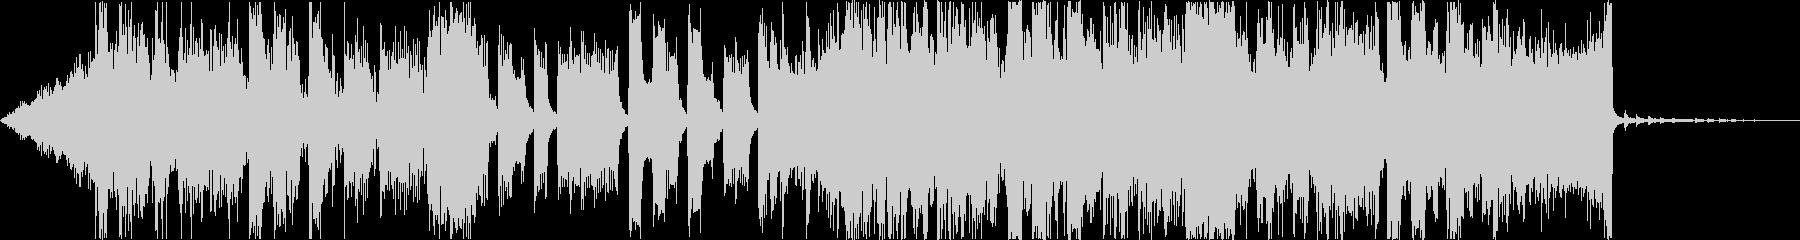 緊迫デジタルダークシネマティックEDMdの未再生の波形